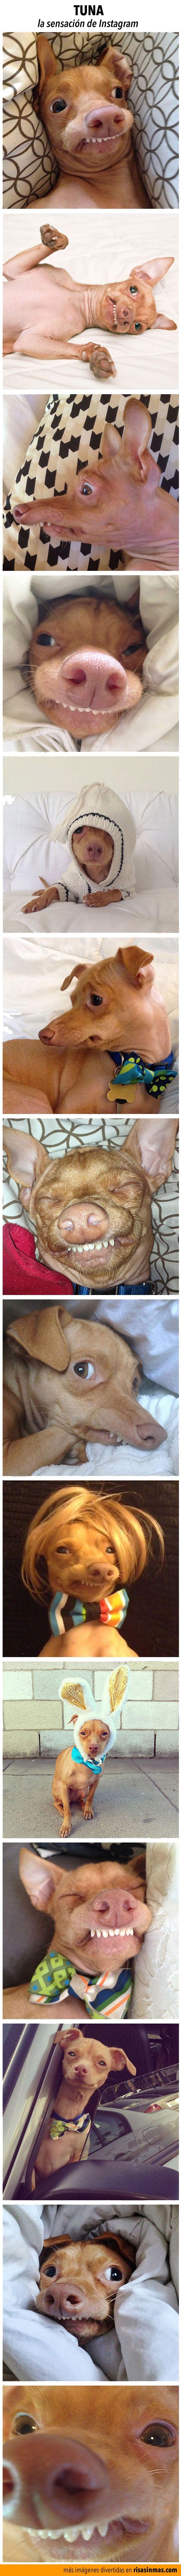 Tuna es un perro de la raza Chiweeni que tiene una particular disfunción en su mandíbula inferior que hace que tenga un aspecto simpático y gracioso. Su dueña, Courtney Dasher, lo ha hecho famoso gracias a su cuenta de Instagram.